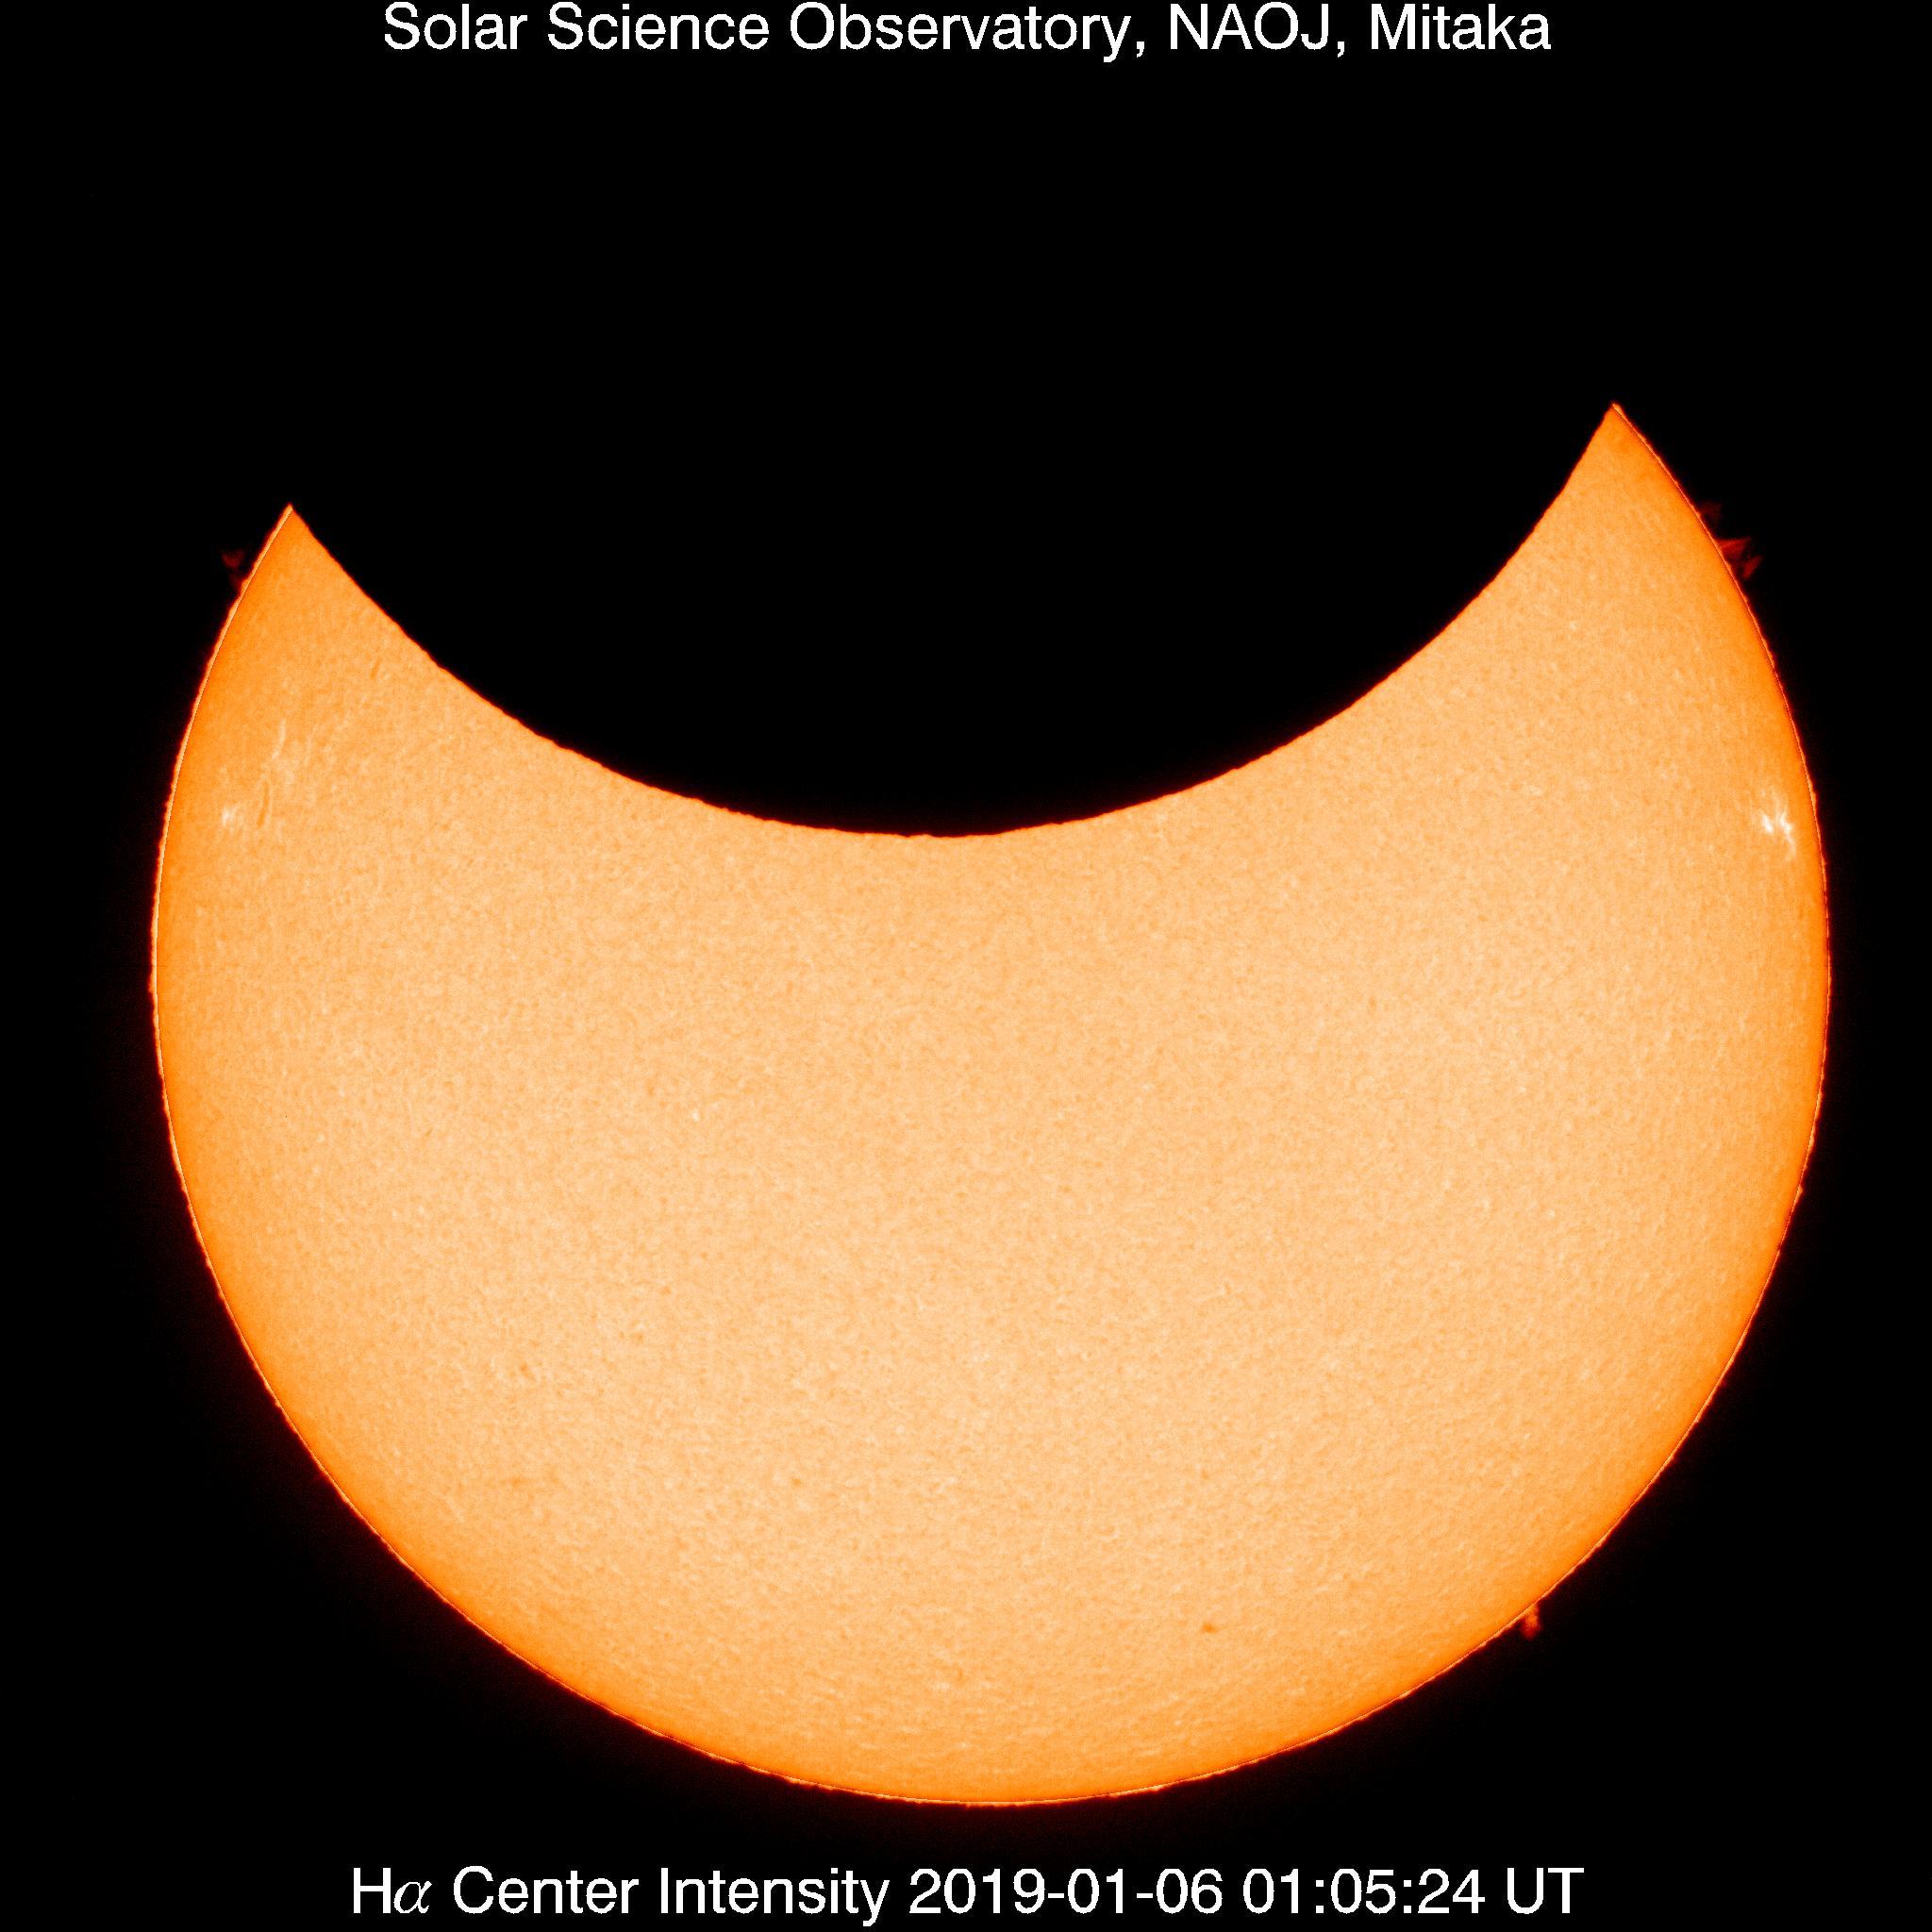 食が最大の頃の太陽フレア望遠鏡Hα線画像